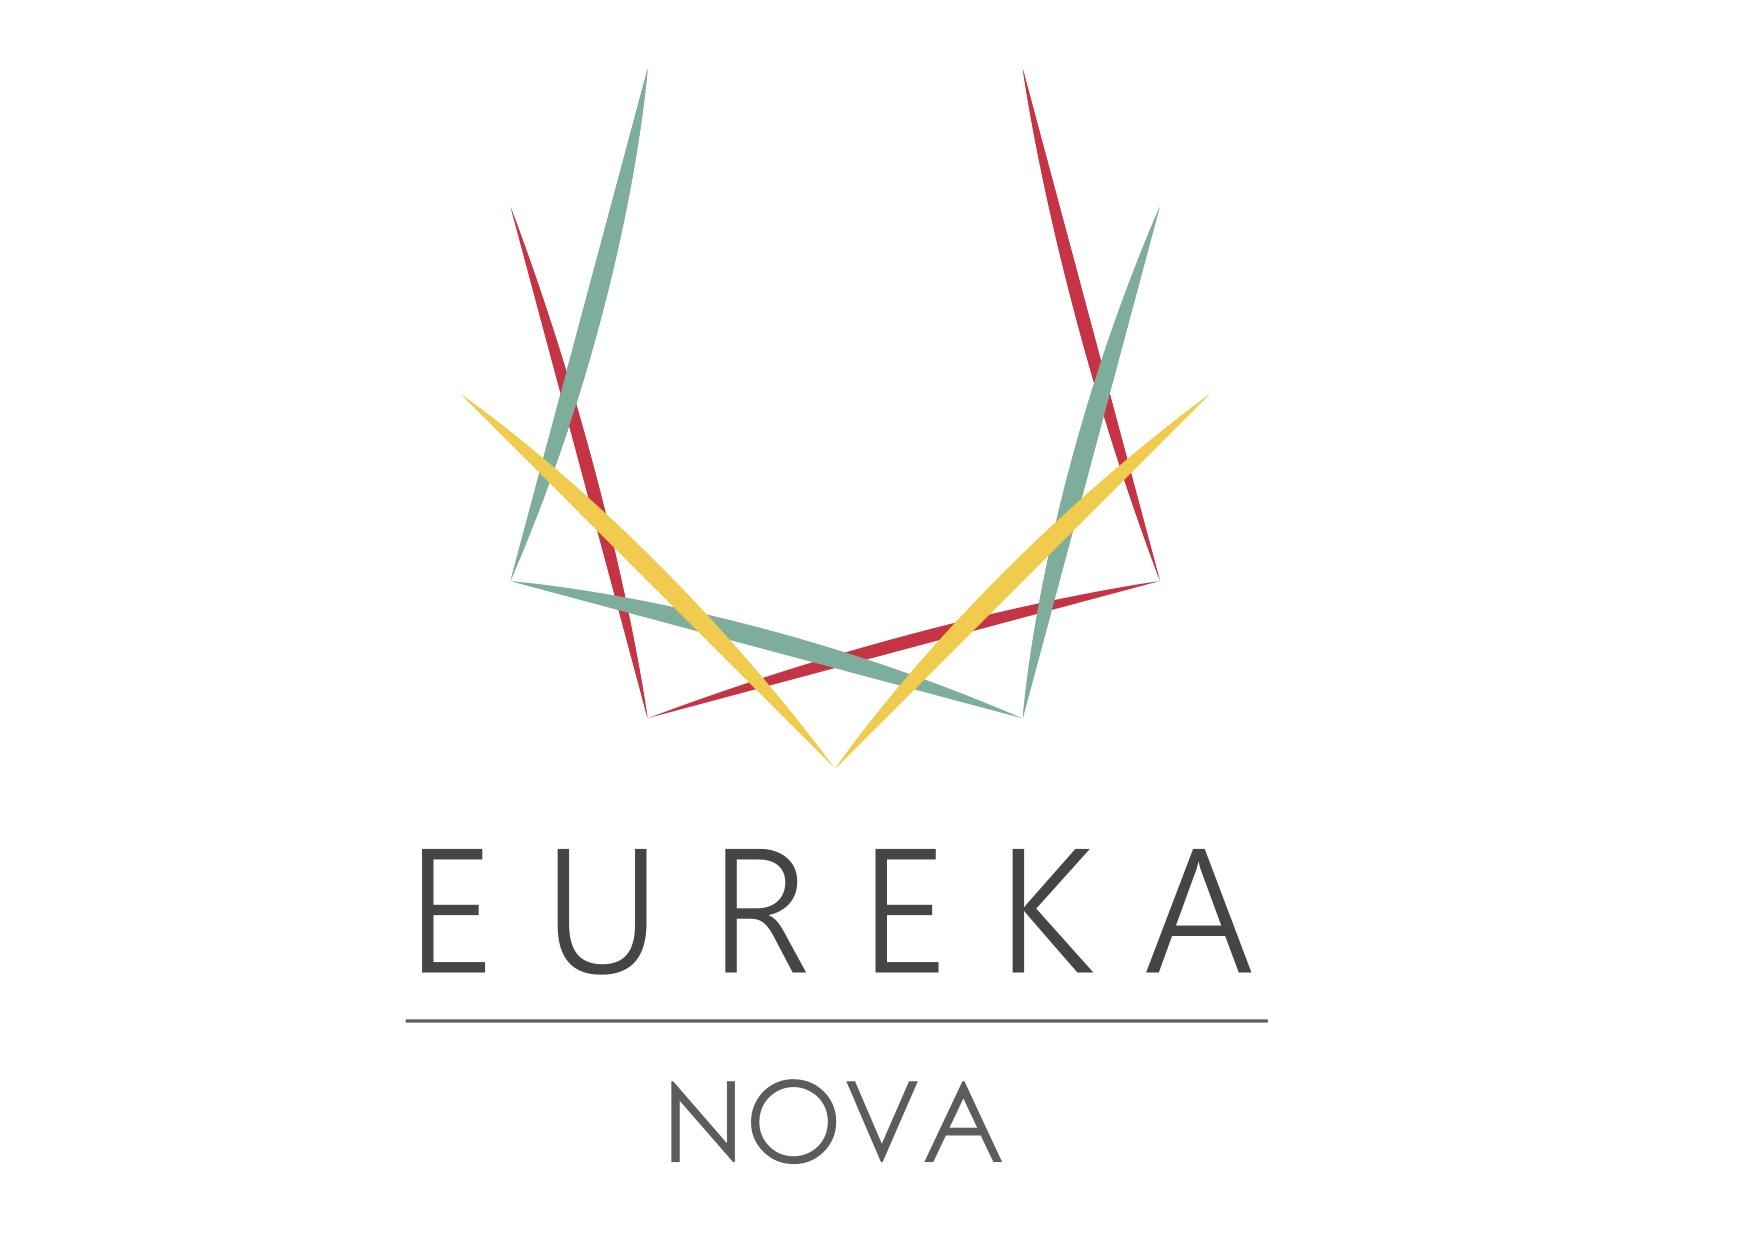 Eureka Nova (HK)